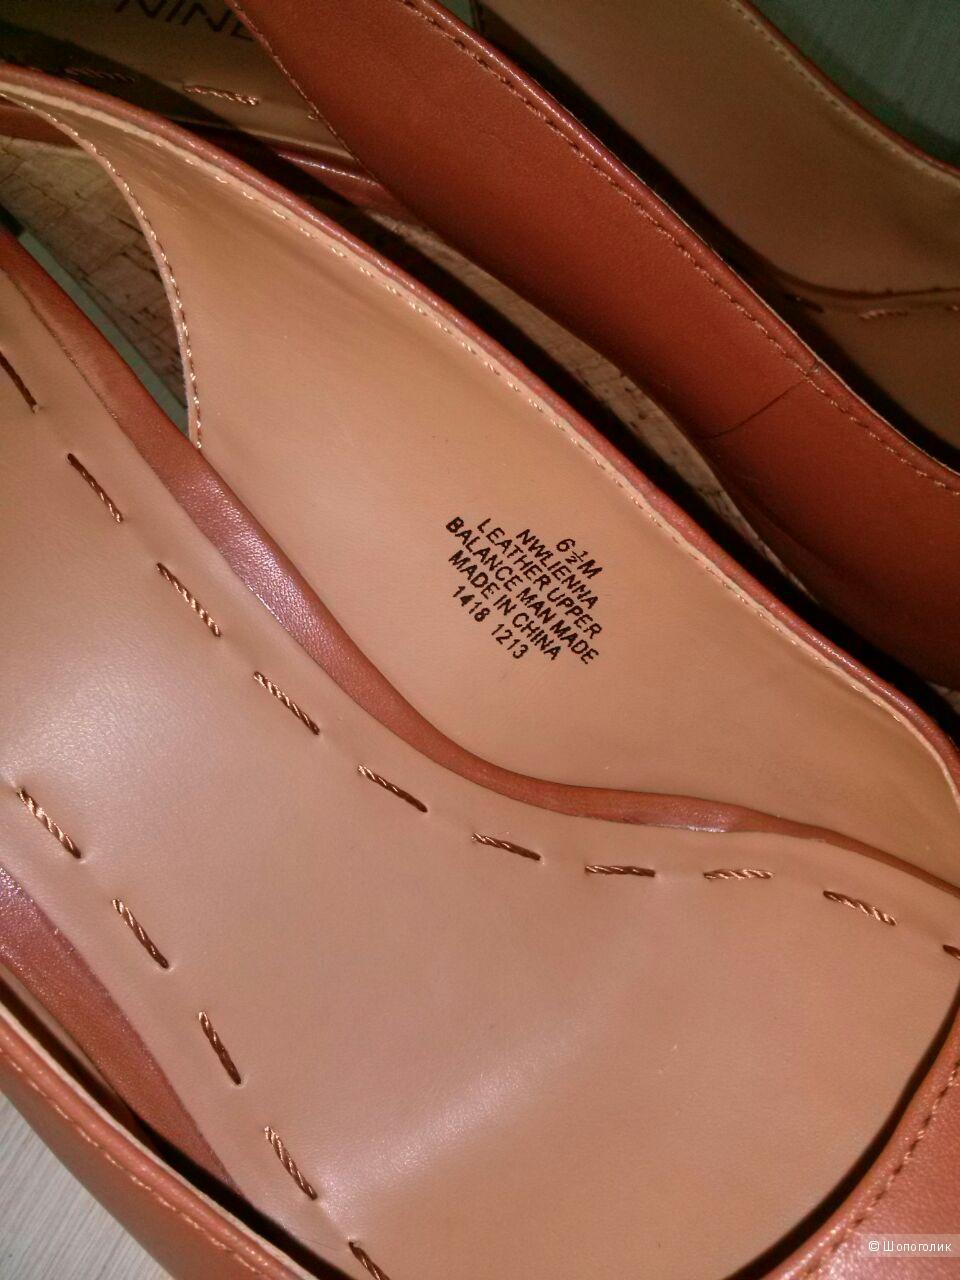 Босоножки Nine West, маркировка US 6.5, кожаные на пробковой платформе.